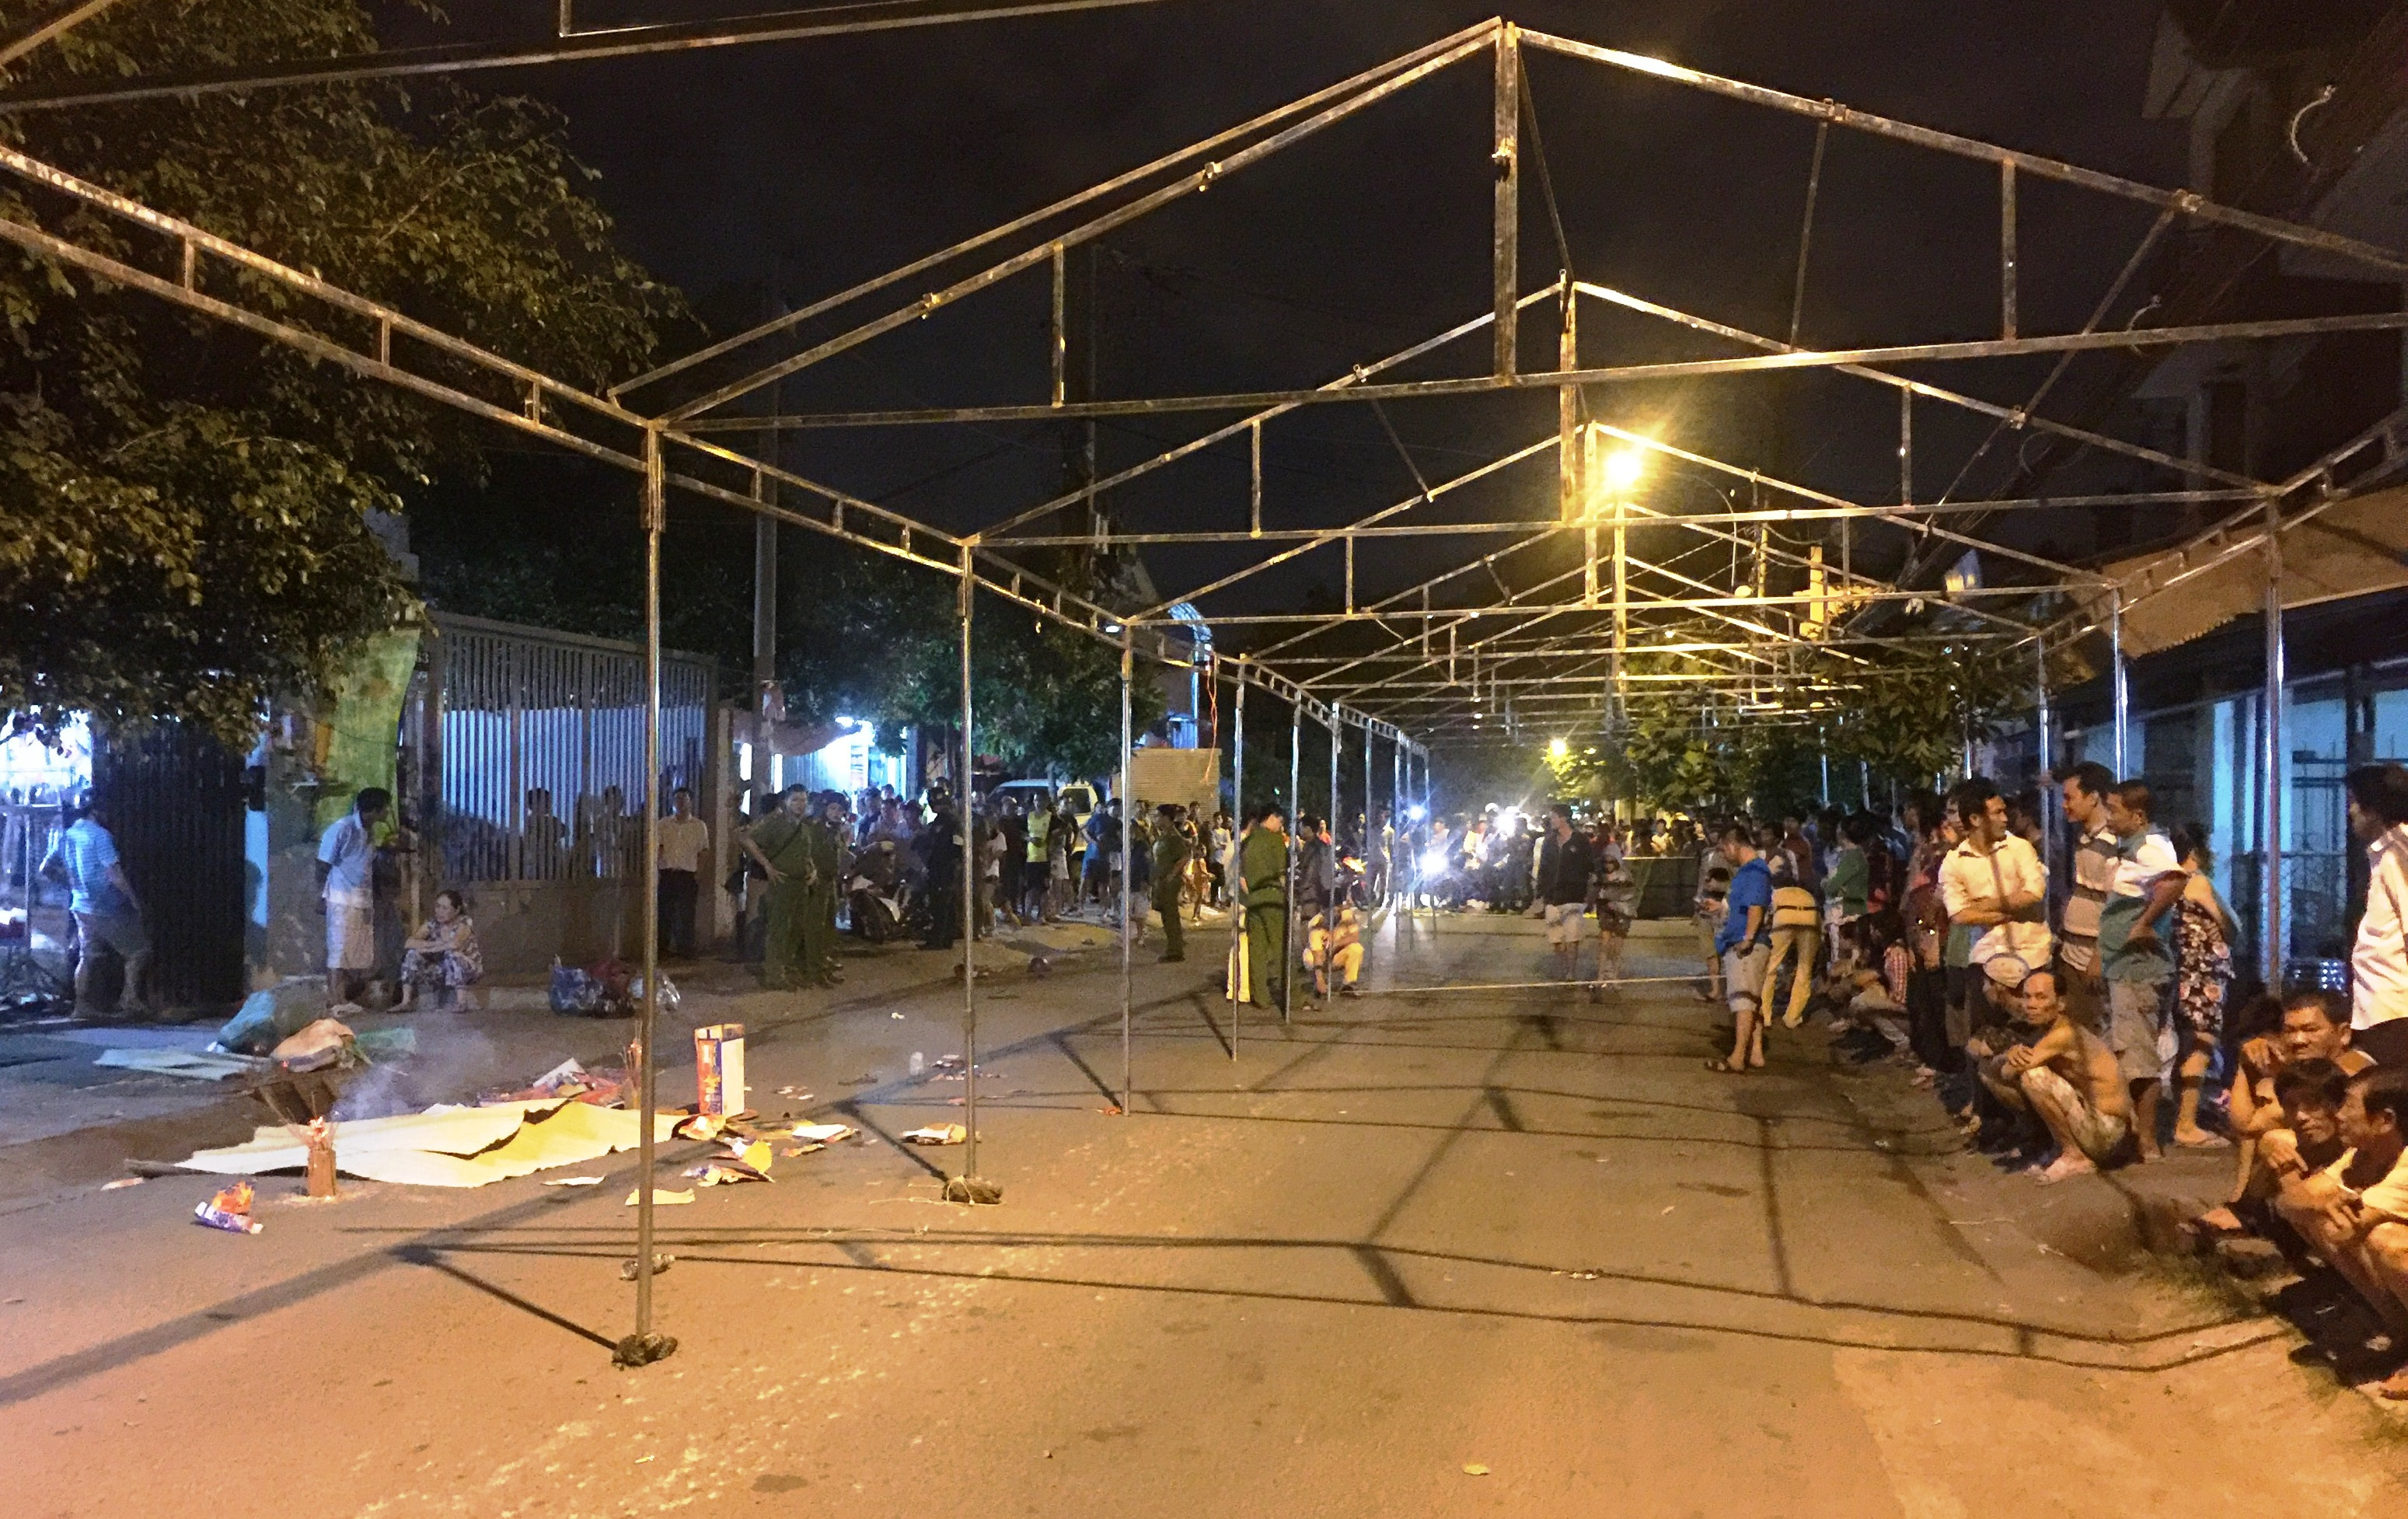 Vụ TNGT chết người xảy ra trên địa bàn phường Bình Chiểu, quận Thủ Đức mà nguyên nhân một phần cũng do xe tải tránh rạp đám cưới.